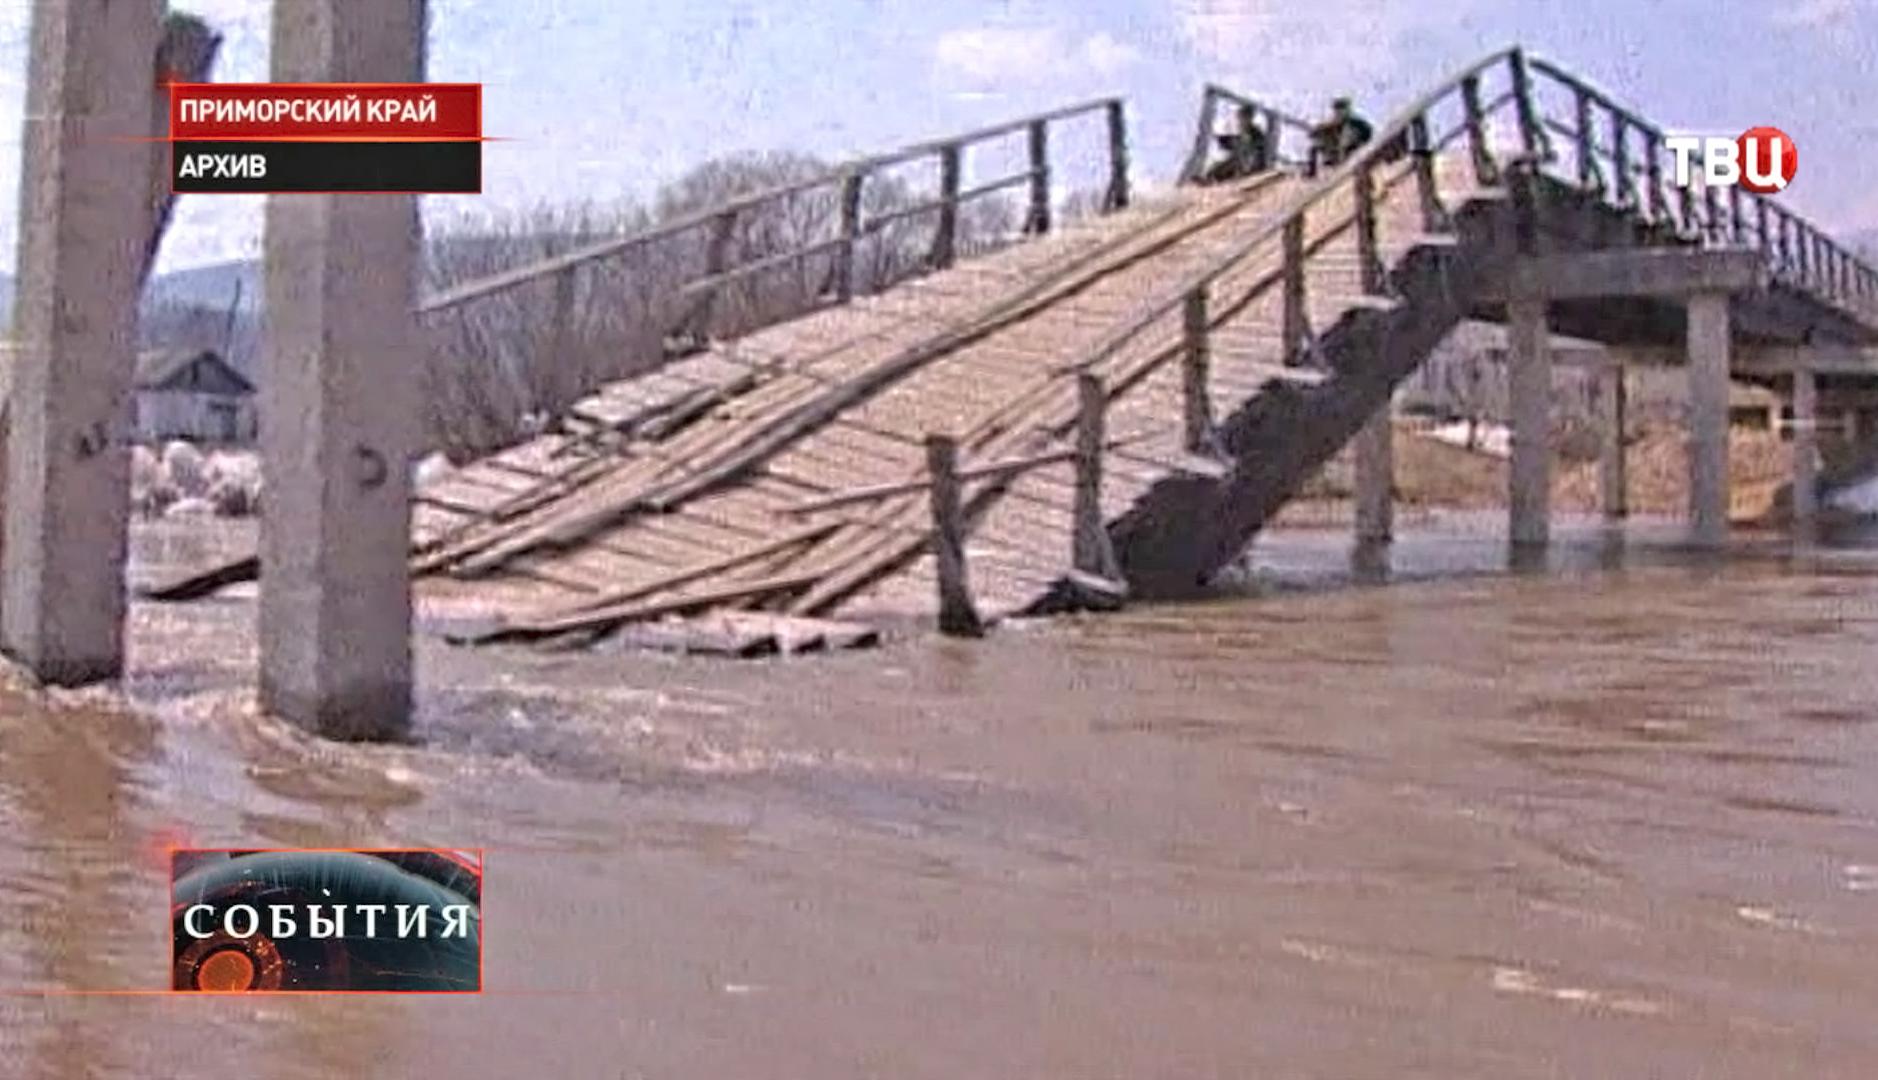 Разрушенный мост в 2003 году в Приморском крае